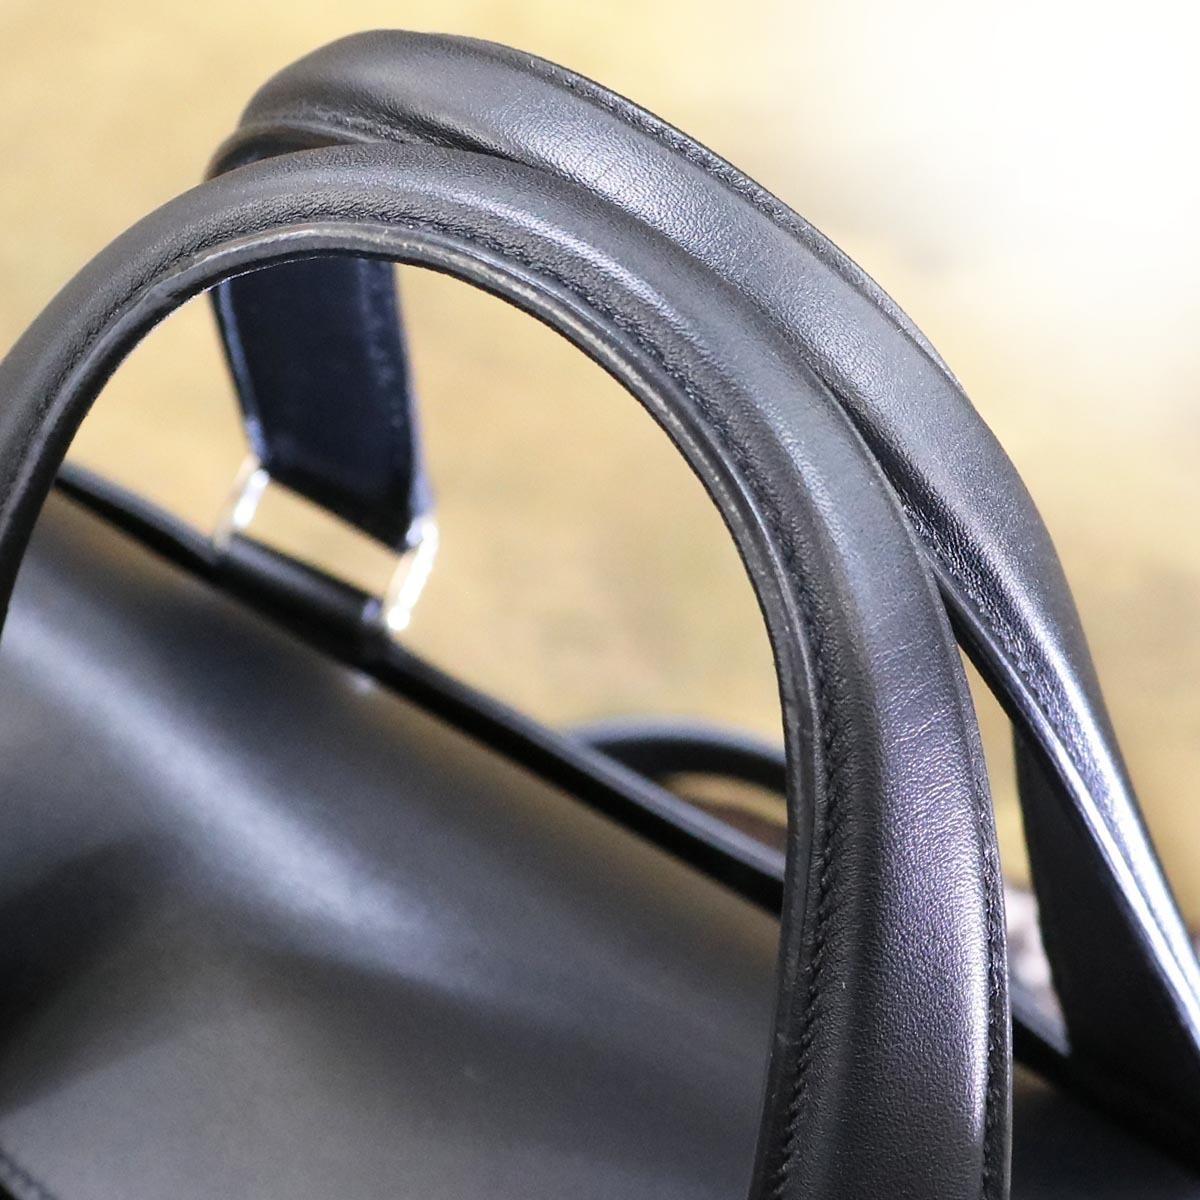 本物 新品同 トッズ 絶盤 メンズランウェイ限定 ゴンミーニ 2WAYメンズビジネスバッグ ブラック A4書類ブリーフケース トートバッグ TODS_画像5